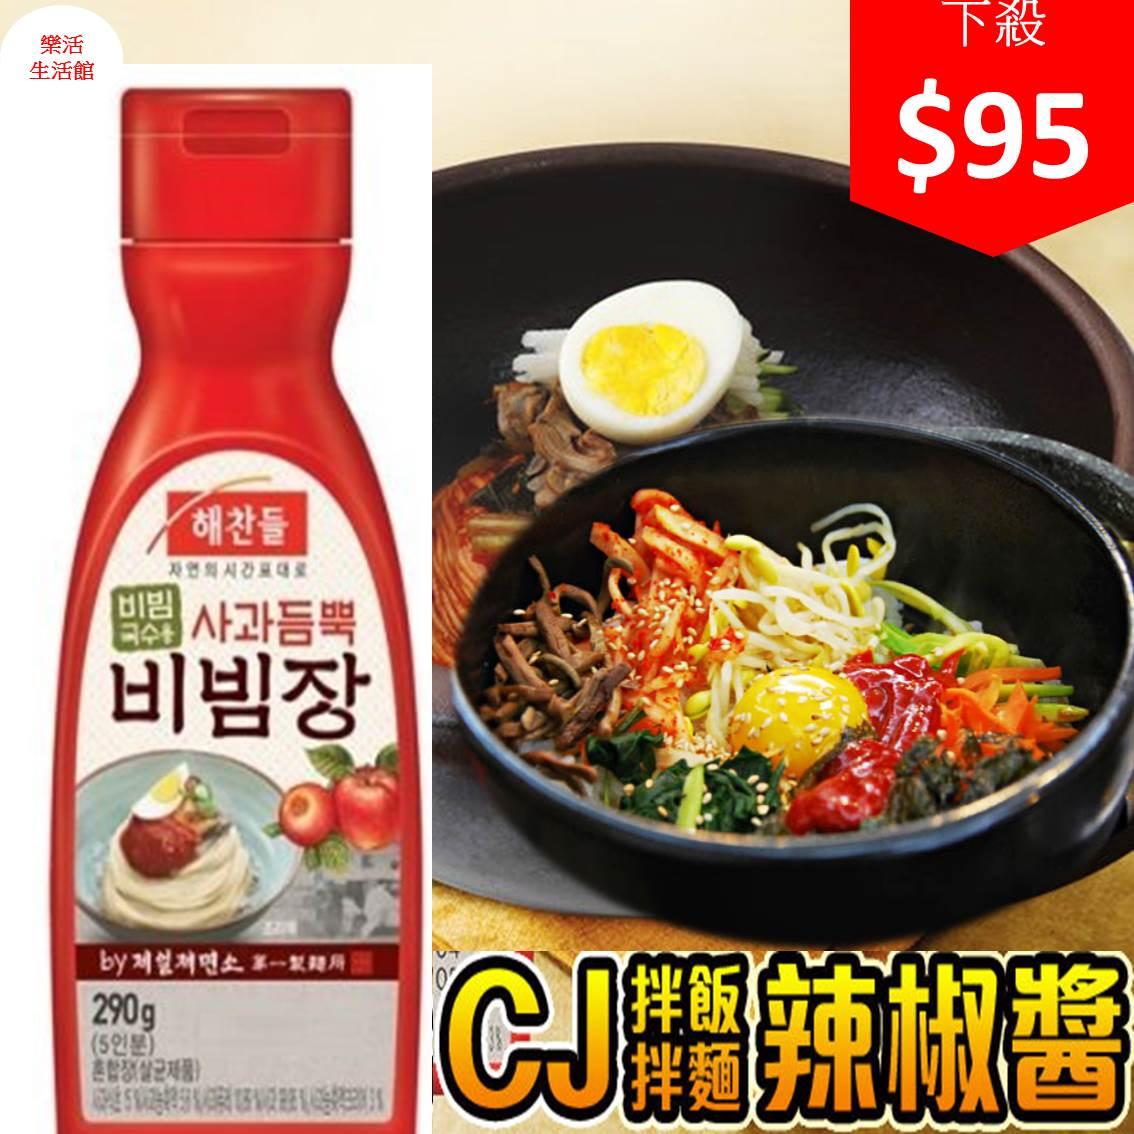 下殺↘$95.00韓國 CJ石鍋拌飯拌麵專用辣椒醬290g 2017.5.17 到期【樂活生活館】